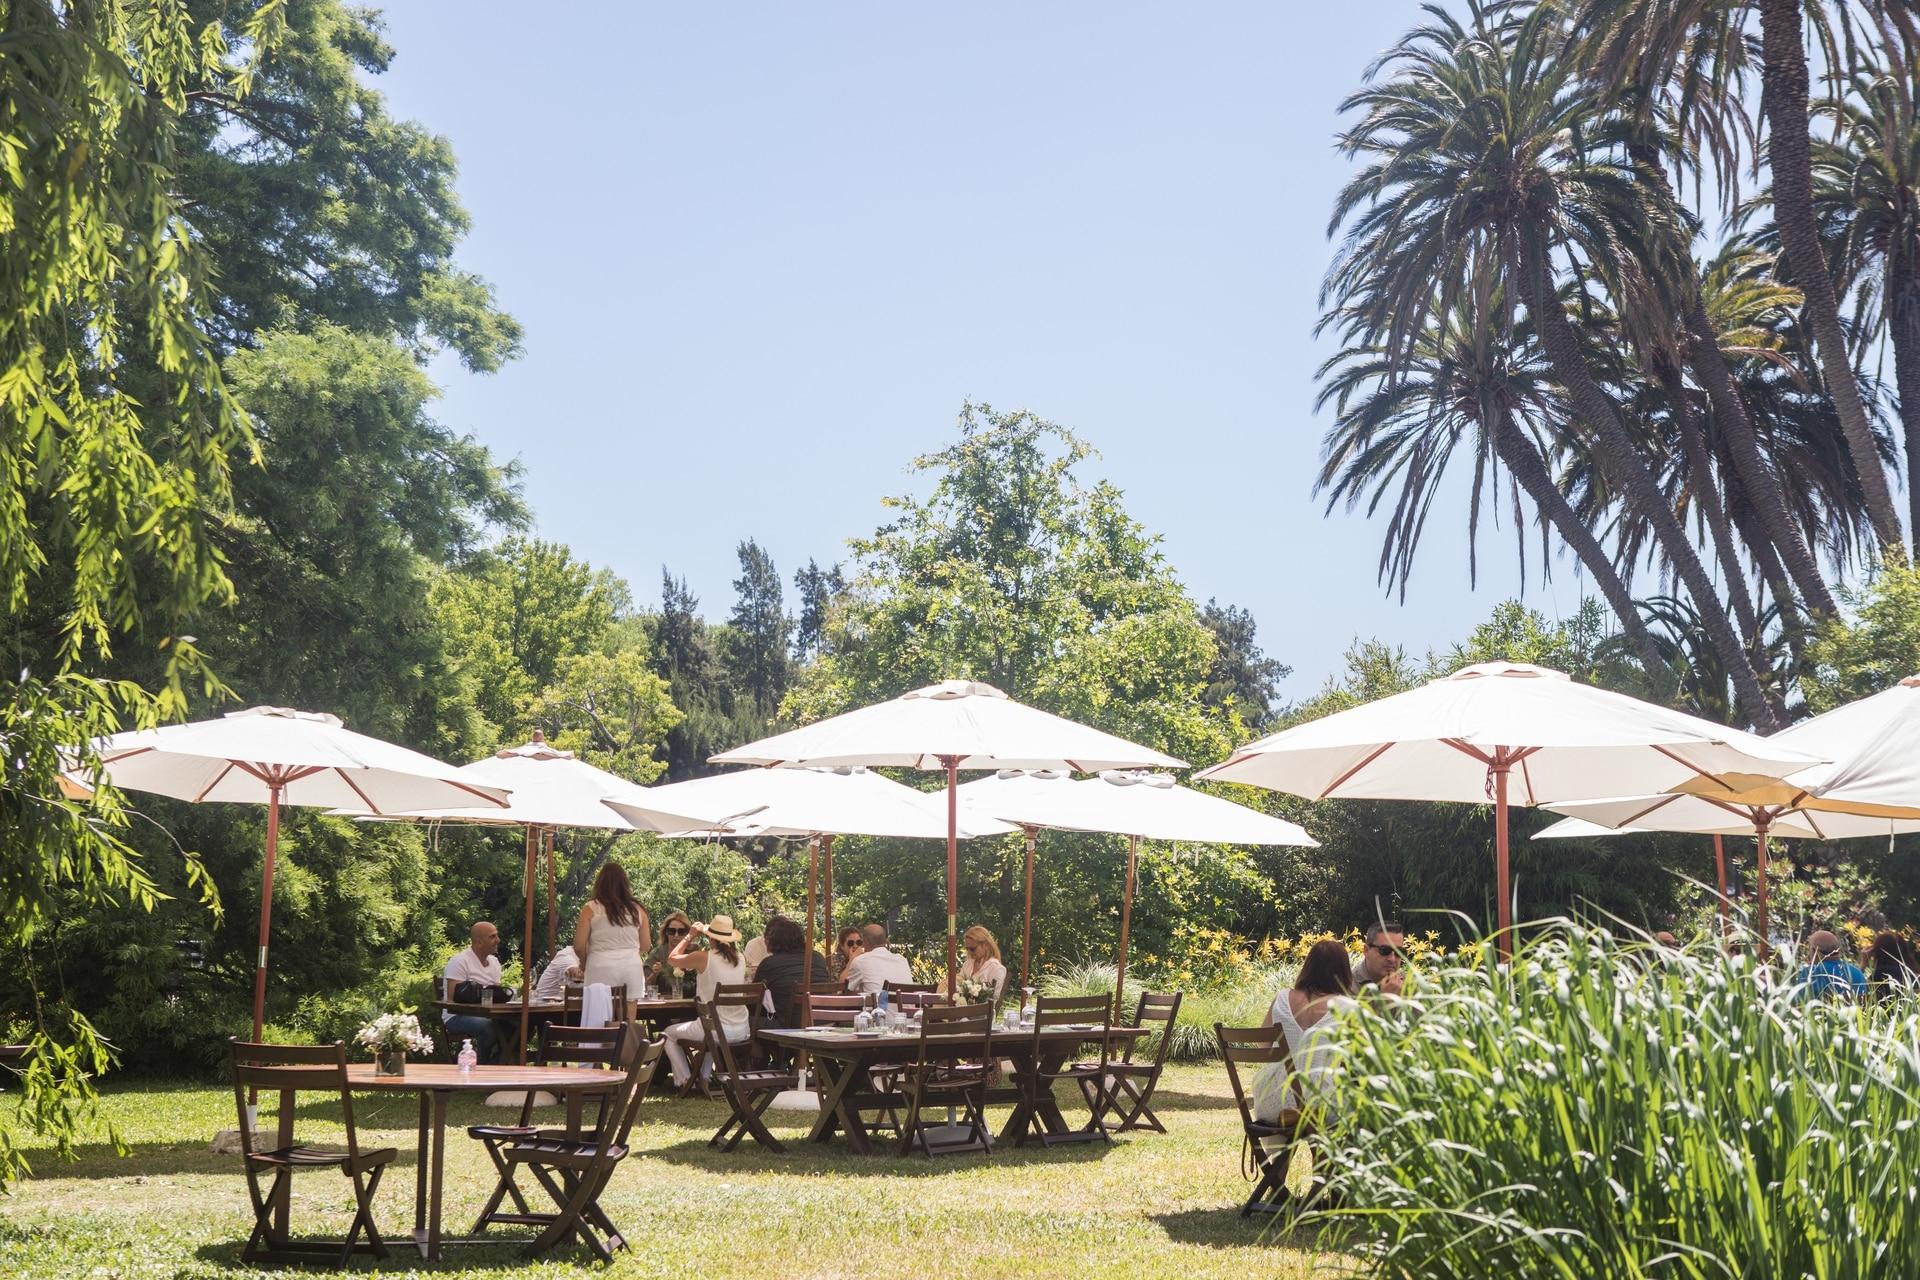 La isla es ideal para un almuerzo rodeado de arte y naturaleza.